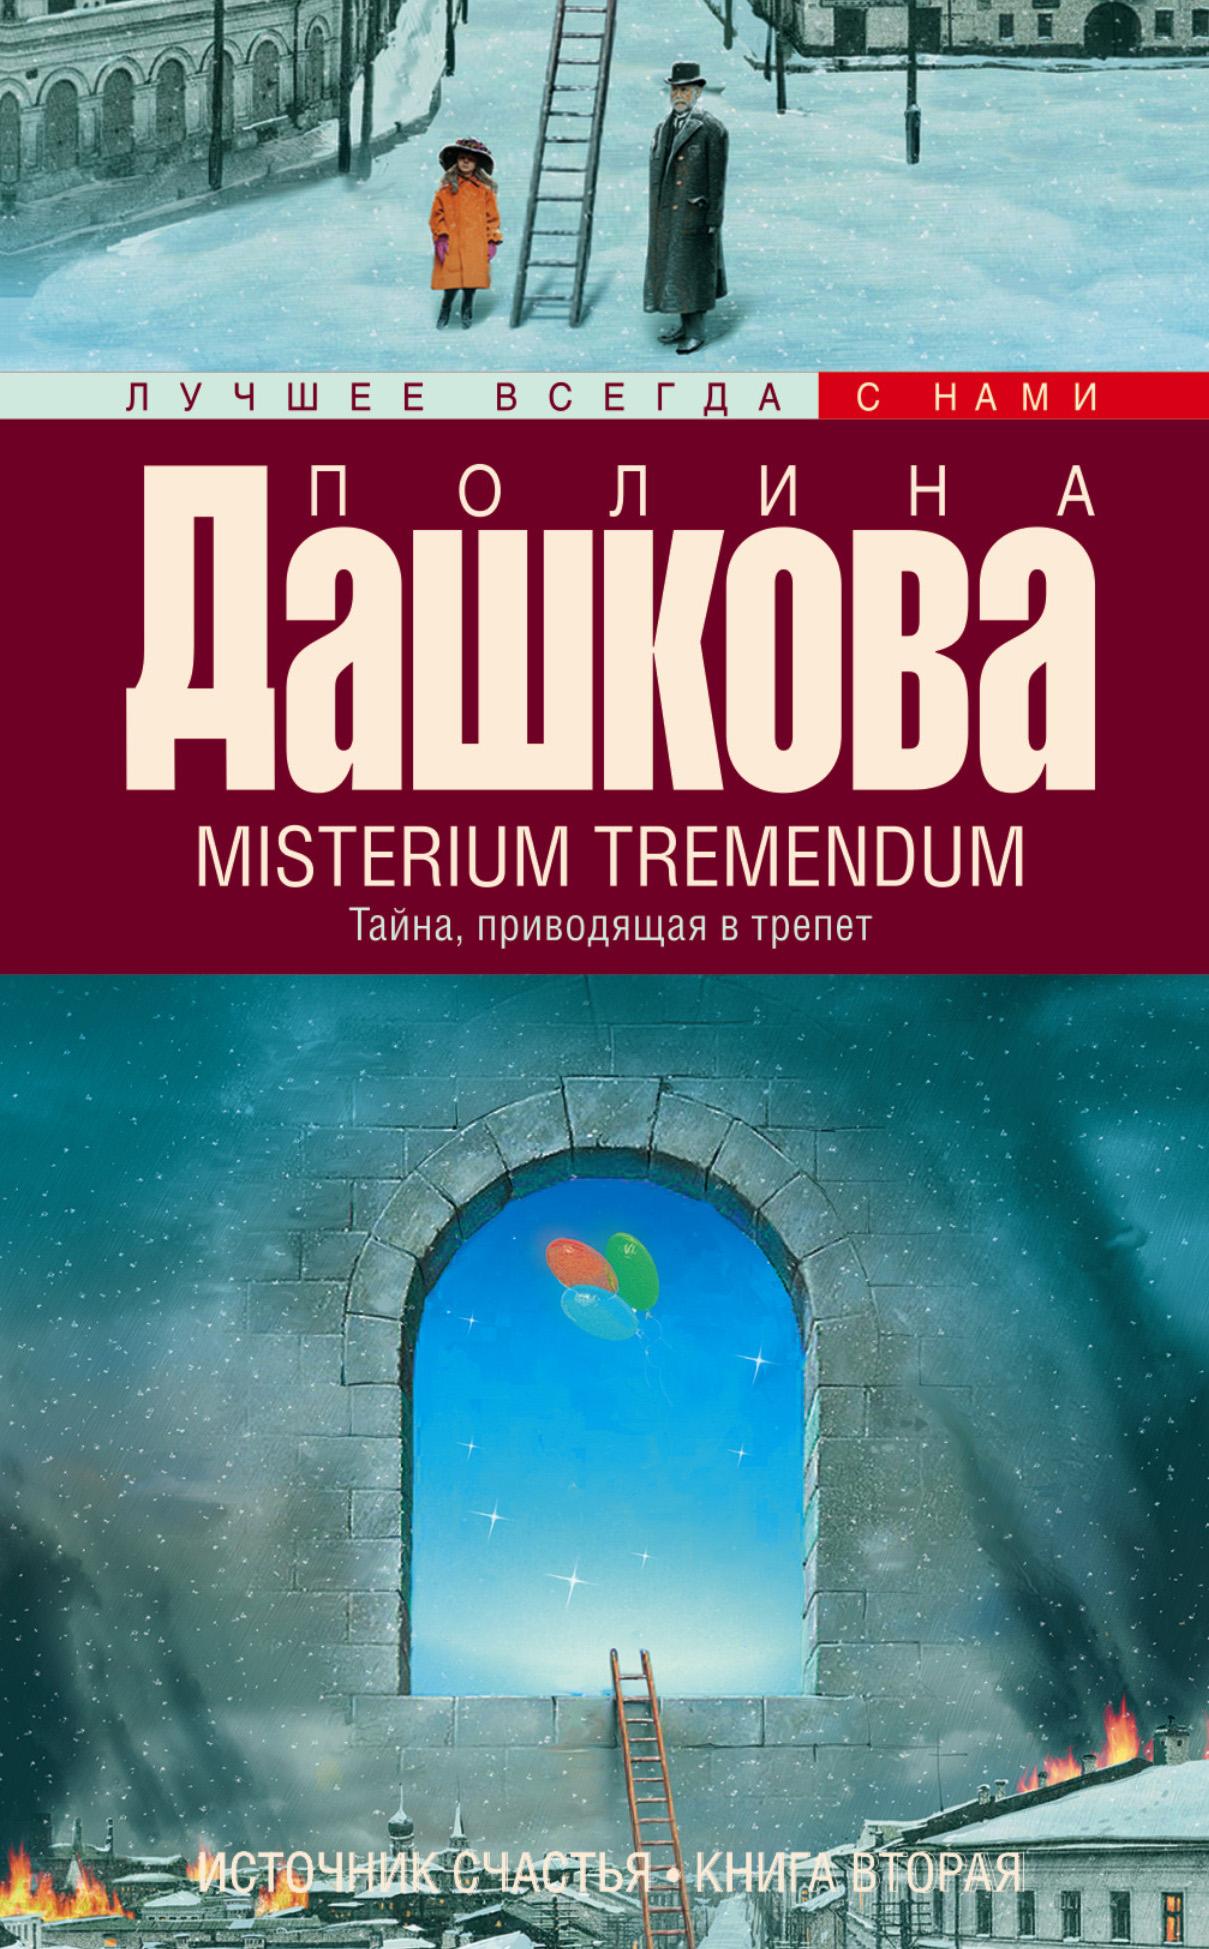 купить Полина Дашкова Misterium Tremendum. Тайна, приводящая в трепет по цене 99.9 рублей